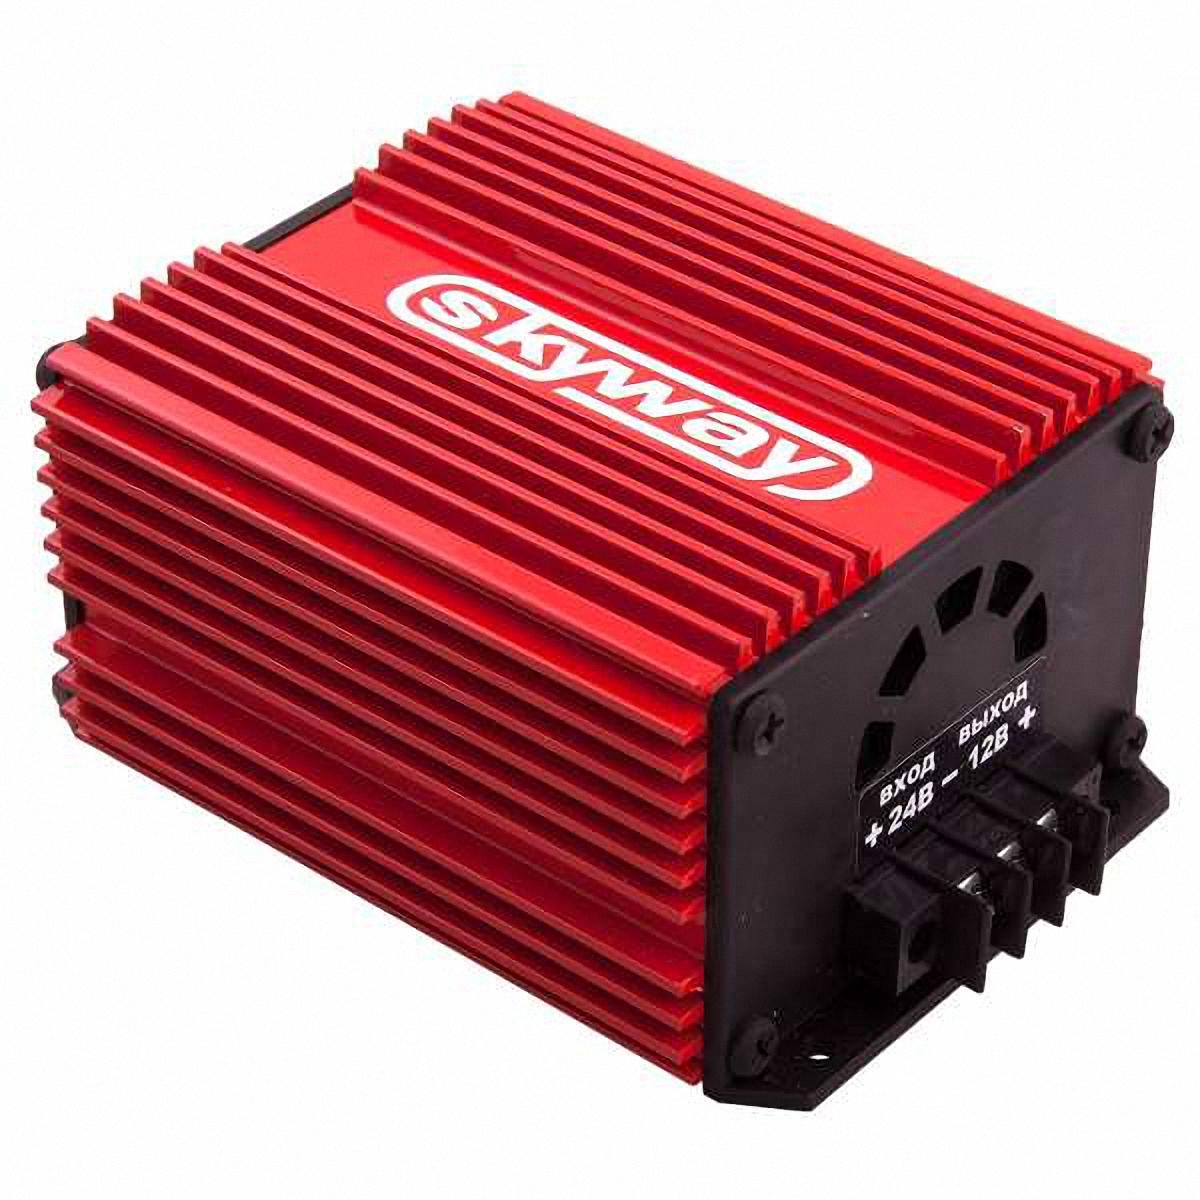 Преобразователь напряжения Skyway, 24/12V 15АS05501002Преобразователь напряжения 24/12V импульсный стабилизатор напряжения. Адаптер предназначен для преобразования нестабилизированного постоянного напряжения (22…30В) в постоянное стабилизированное напряжение 12В. Имеет встроенную защиту от короткого замыкания в нагрузке и перегрева. Адаптер может быть использован при работе с любыми видами нагрузок. Входное напряжение: 22…30ВВыходное напряжение: 13,6±0,5ВМакс. выходной ток: 15 АМакс. выходная мощность: 180 ВаттКоэффициент полезного действия:93%Напряжение пульсаций на выходе: 0,2 ВРабочая температура: -40…+70 °С